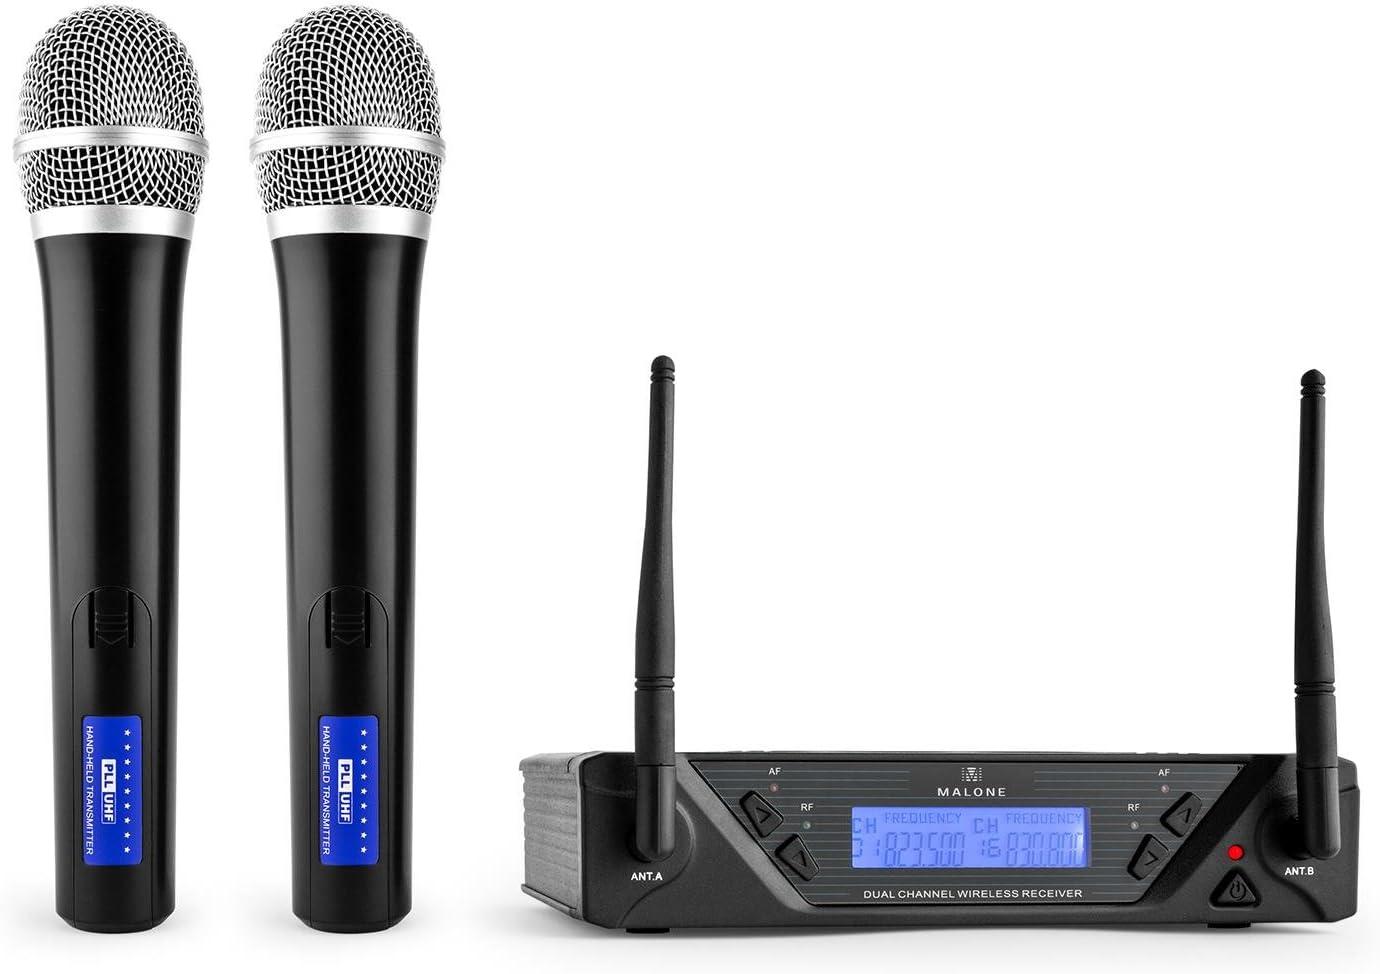 Malone UHF-450 Duo 1 - set de micrófonos inalámbricos UHF de 2 canales, 2 x micrófono de mano inalámbrico, 823-832 MHz por canal, 2 x XLR y 1 x salida jack, estuche de transporte, negro